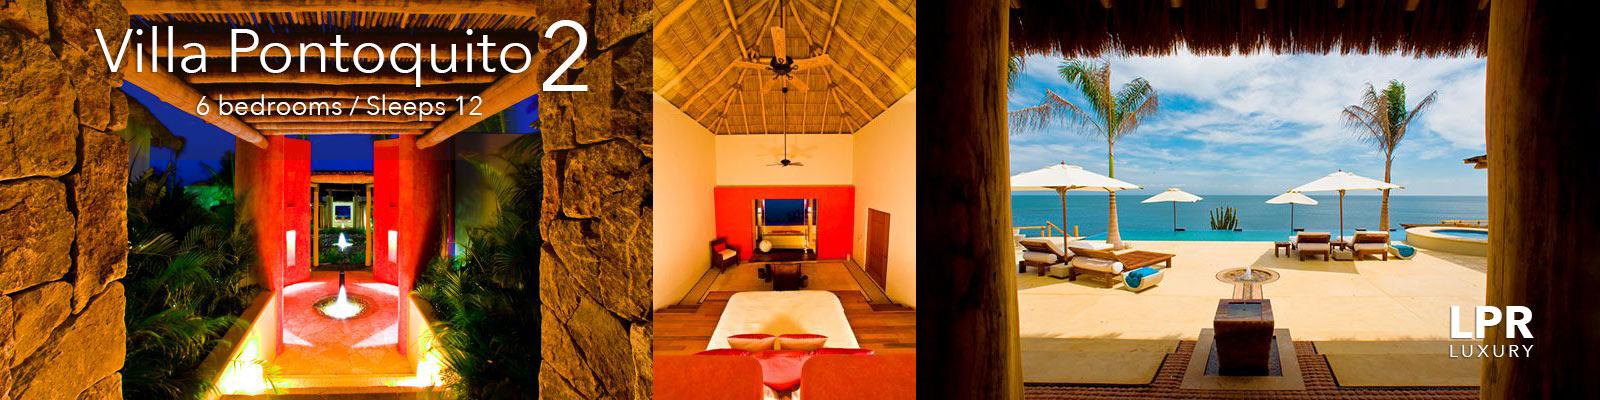 Villa Pontoquito 2 - Luxury Punta de Mita Vacation Rentals - Puerto Vallarta